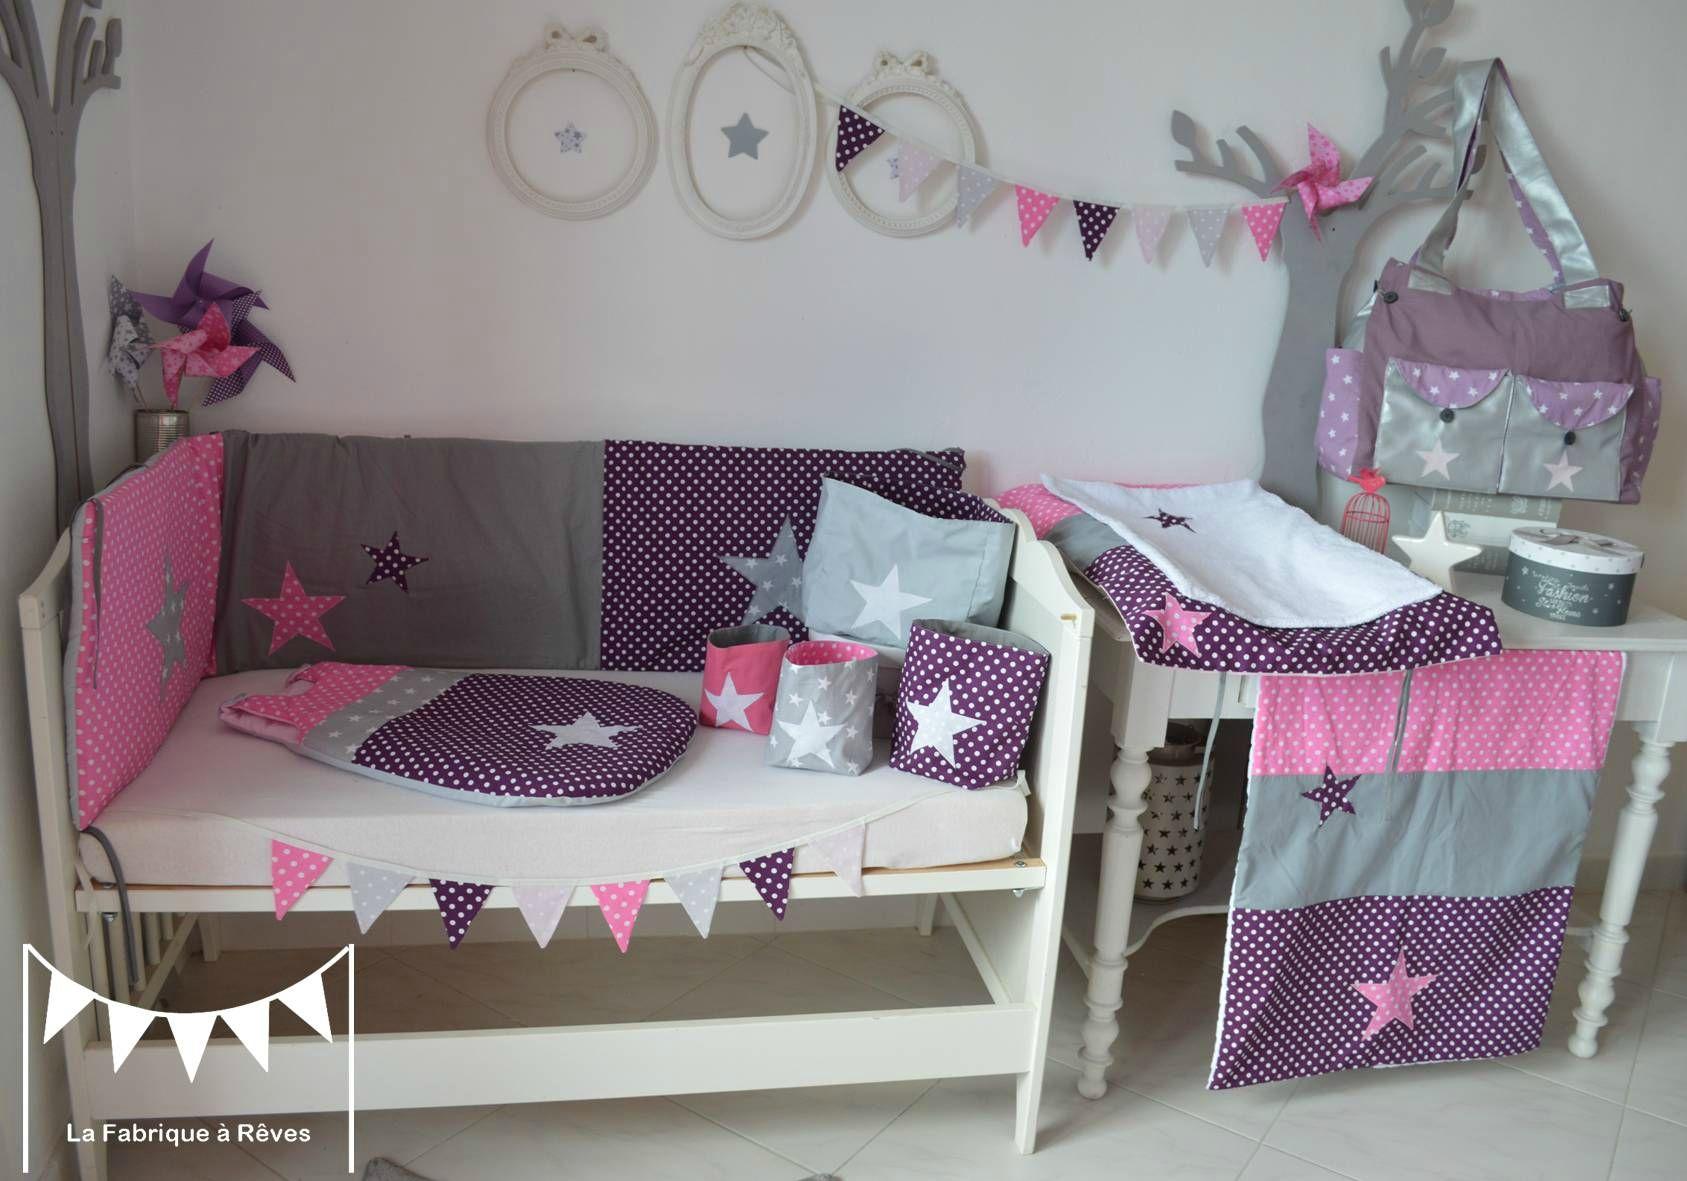 décoration chambre bébé fille blanc violet rose vif gris pois ...